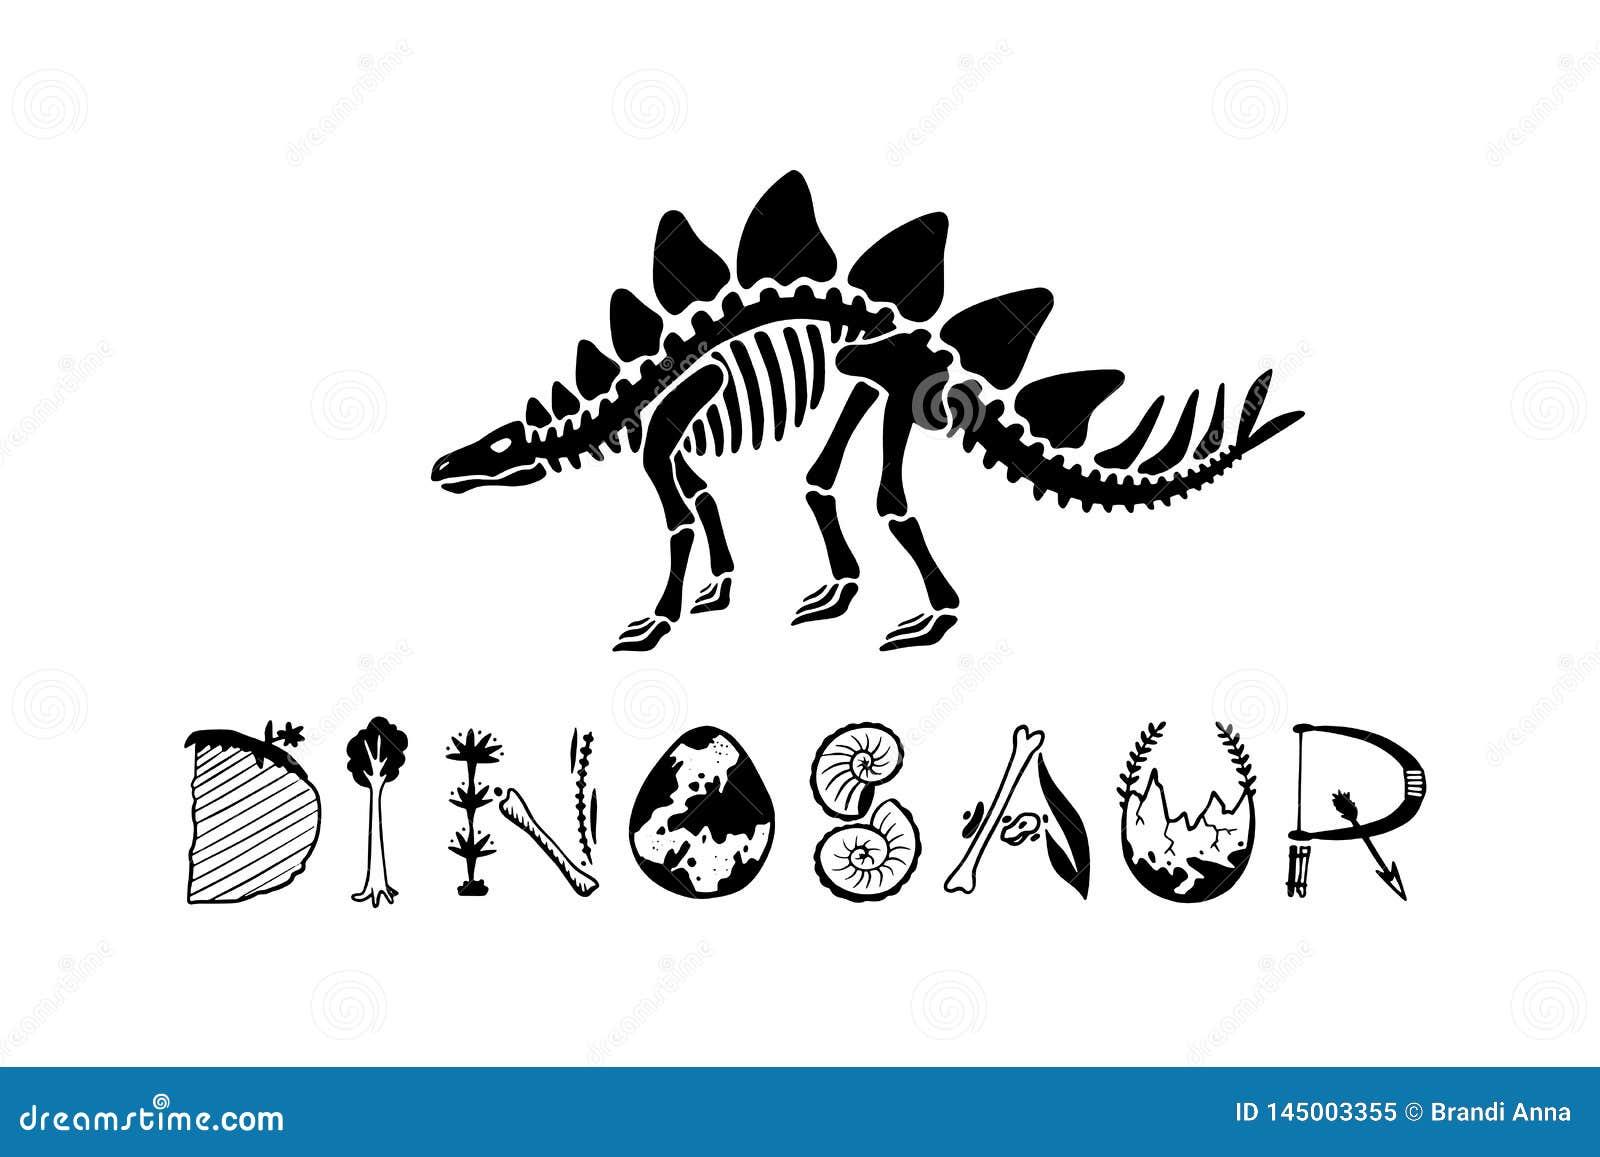 Logotype dinosaur skeleton stegosaurus isolated on white background.